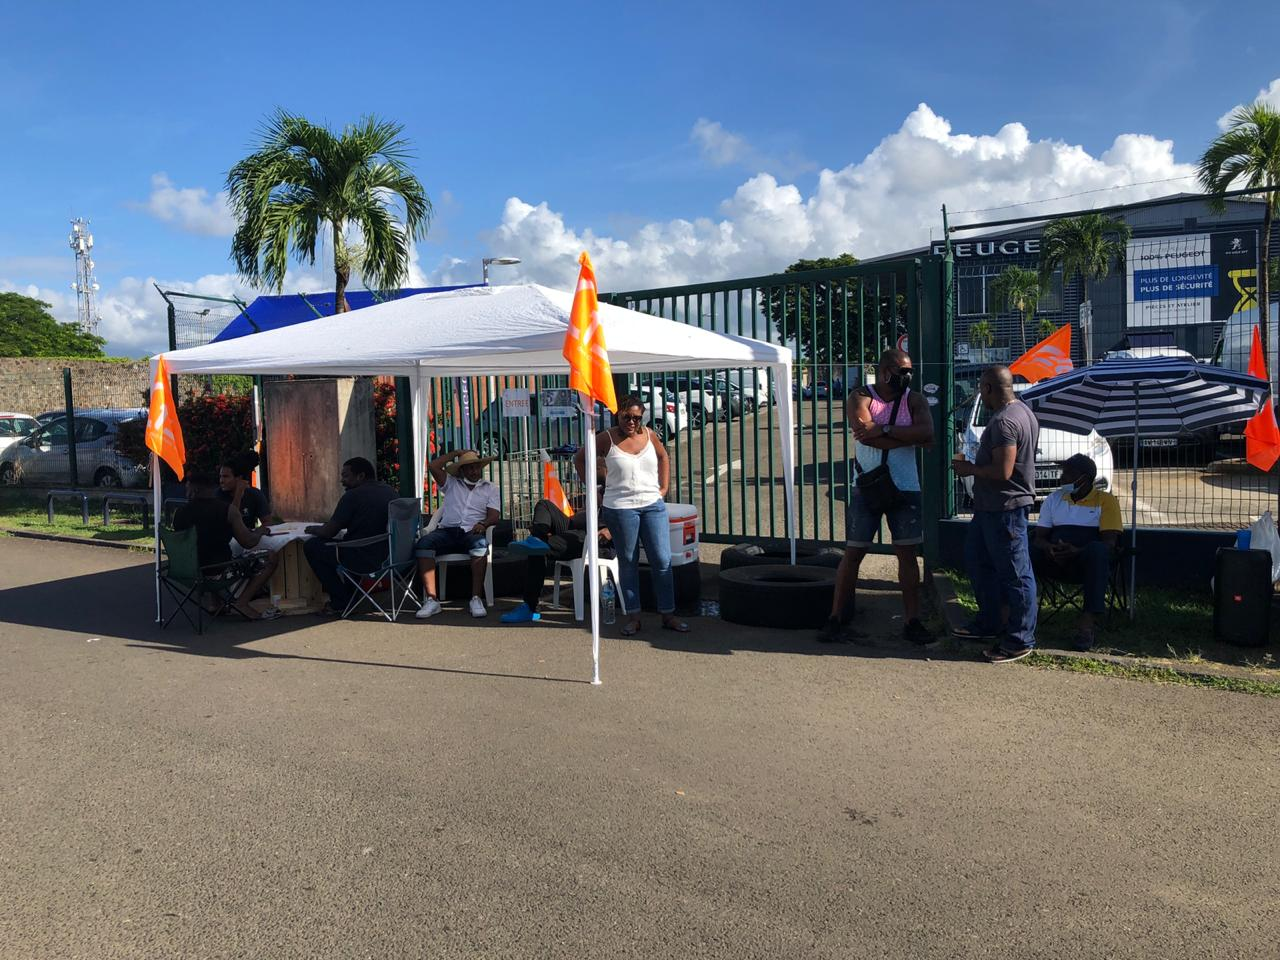 Grève à Peugeot : le tribunal ordonne la levée des barrages